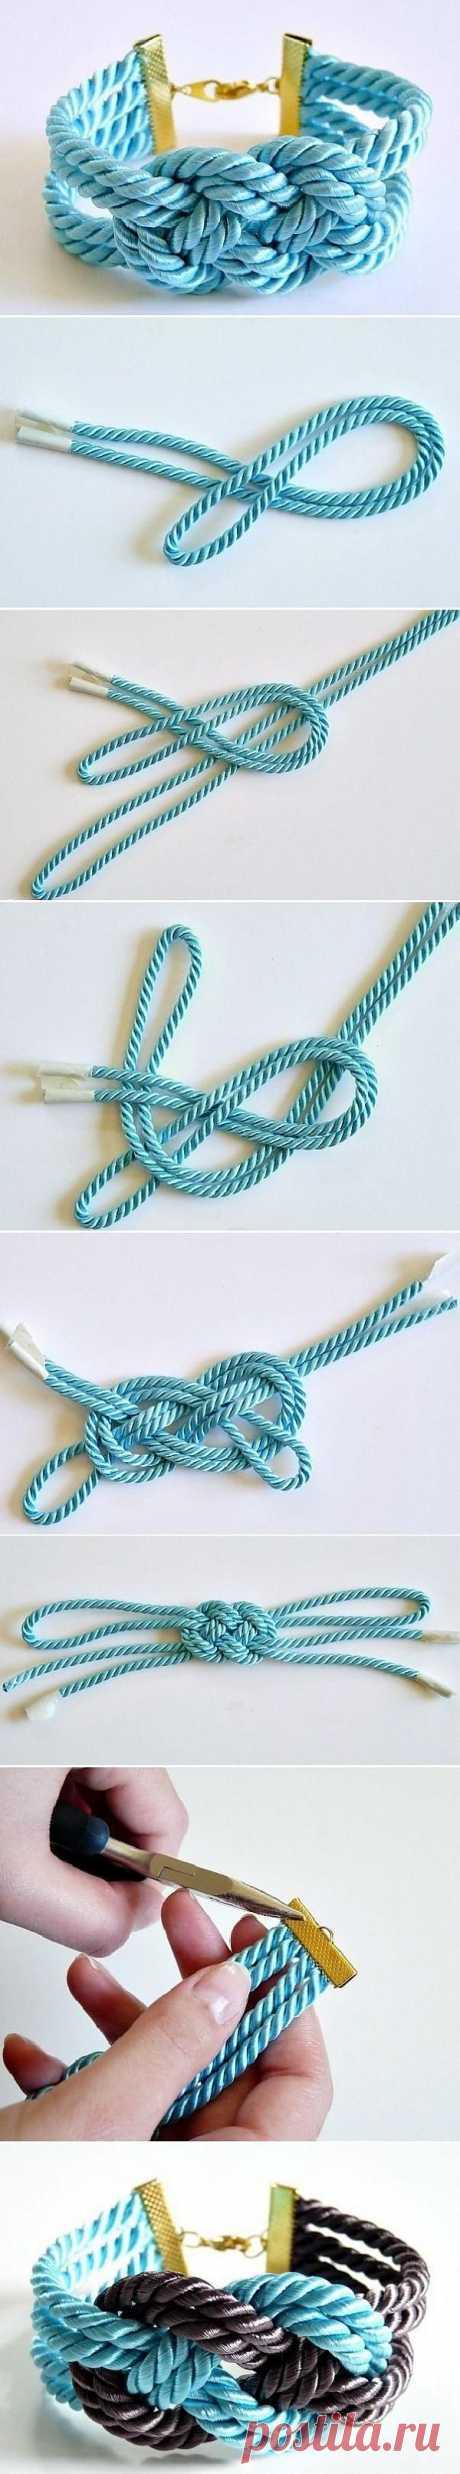 DIY браслет